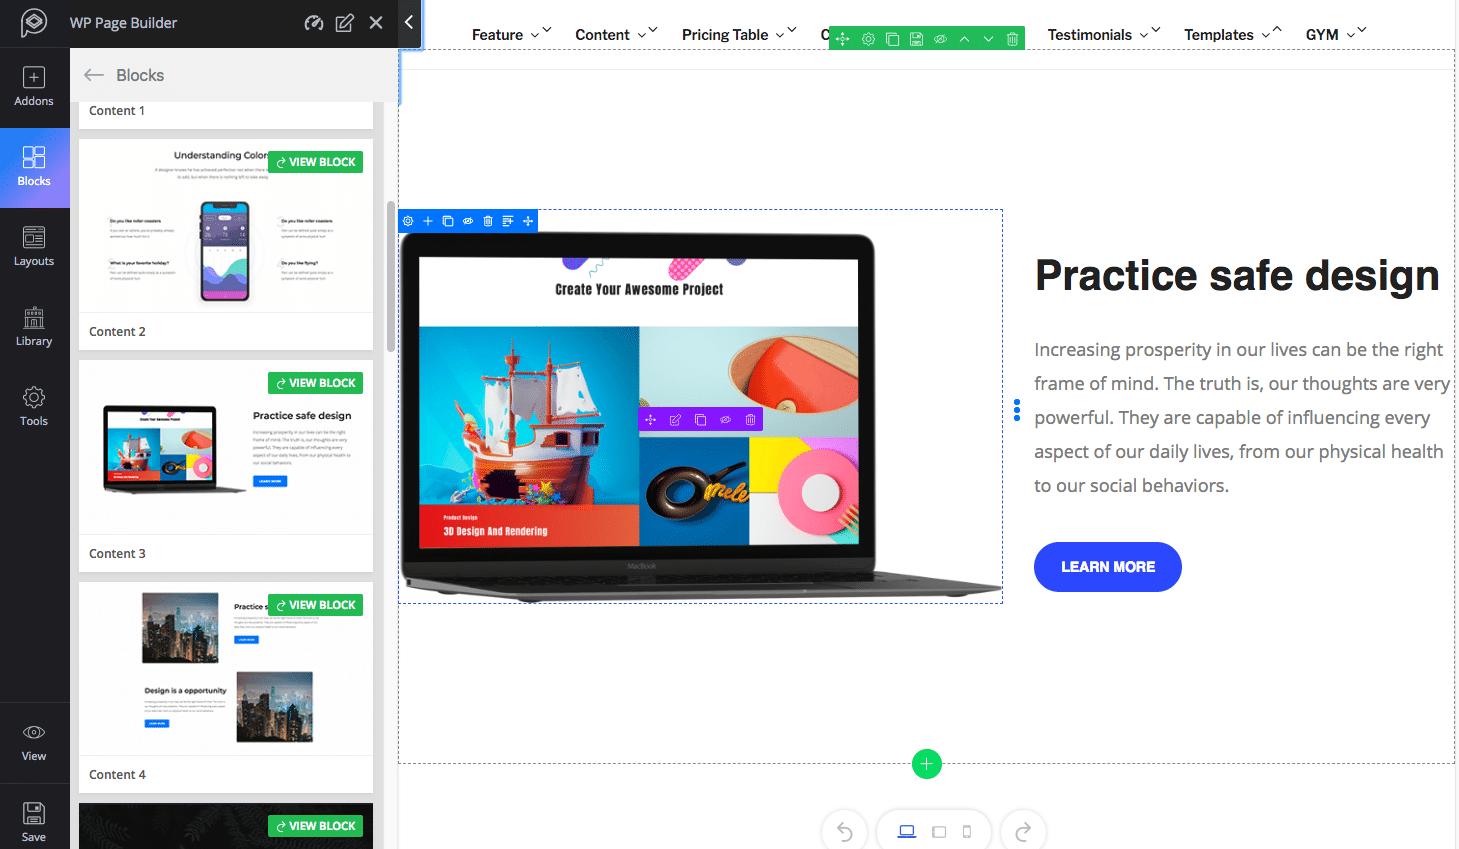 Bloque de contenido del WP Page Builder